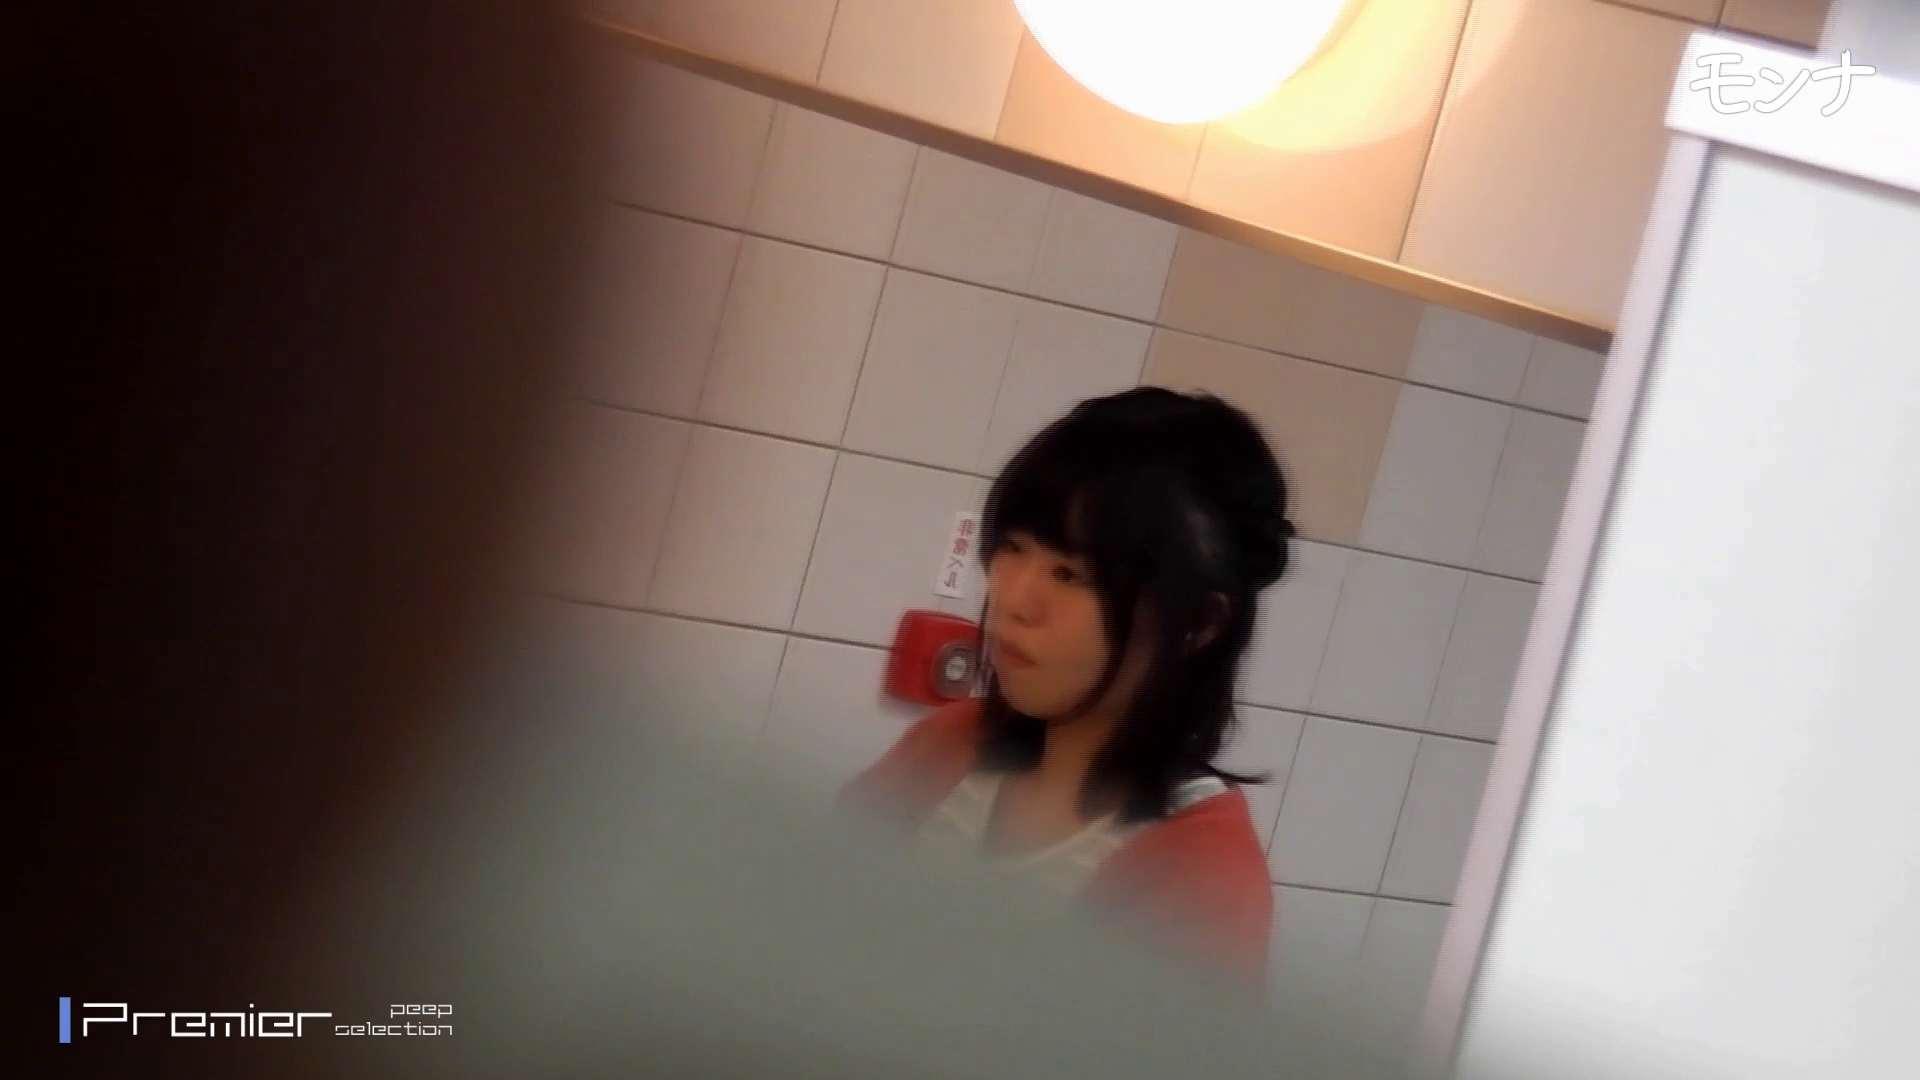 美しい日本の未来 No.58 清楚な顔で、ドロッと大量に!! むっちり体型 エロ画像 110画像 69